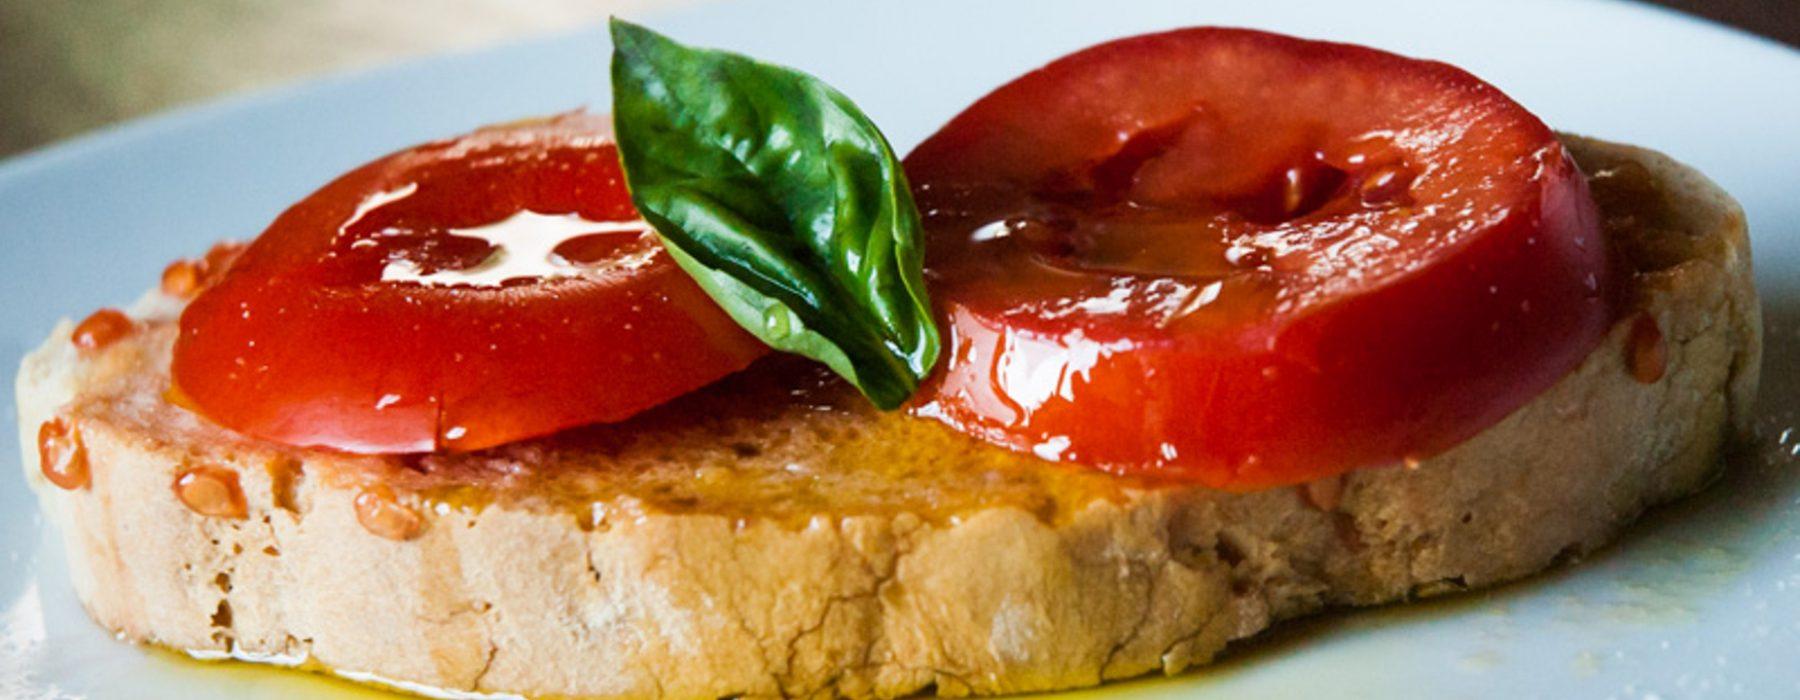 pomodoro-e olio ok